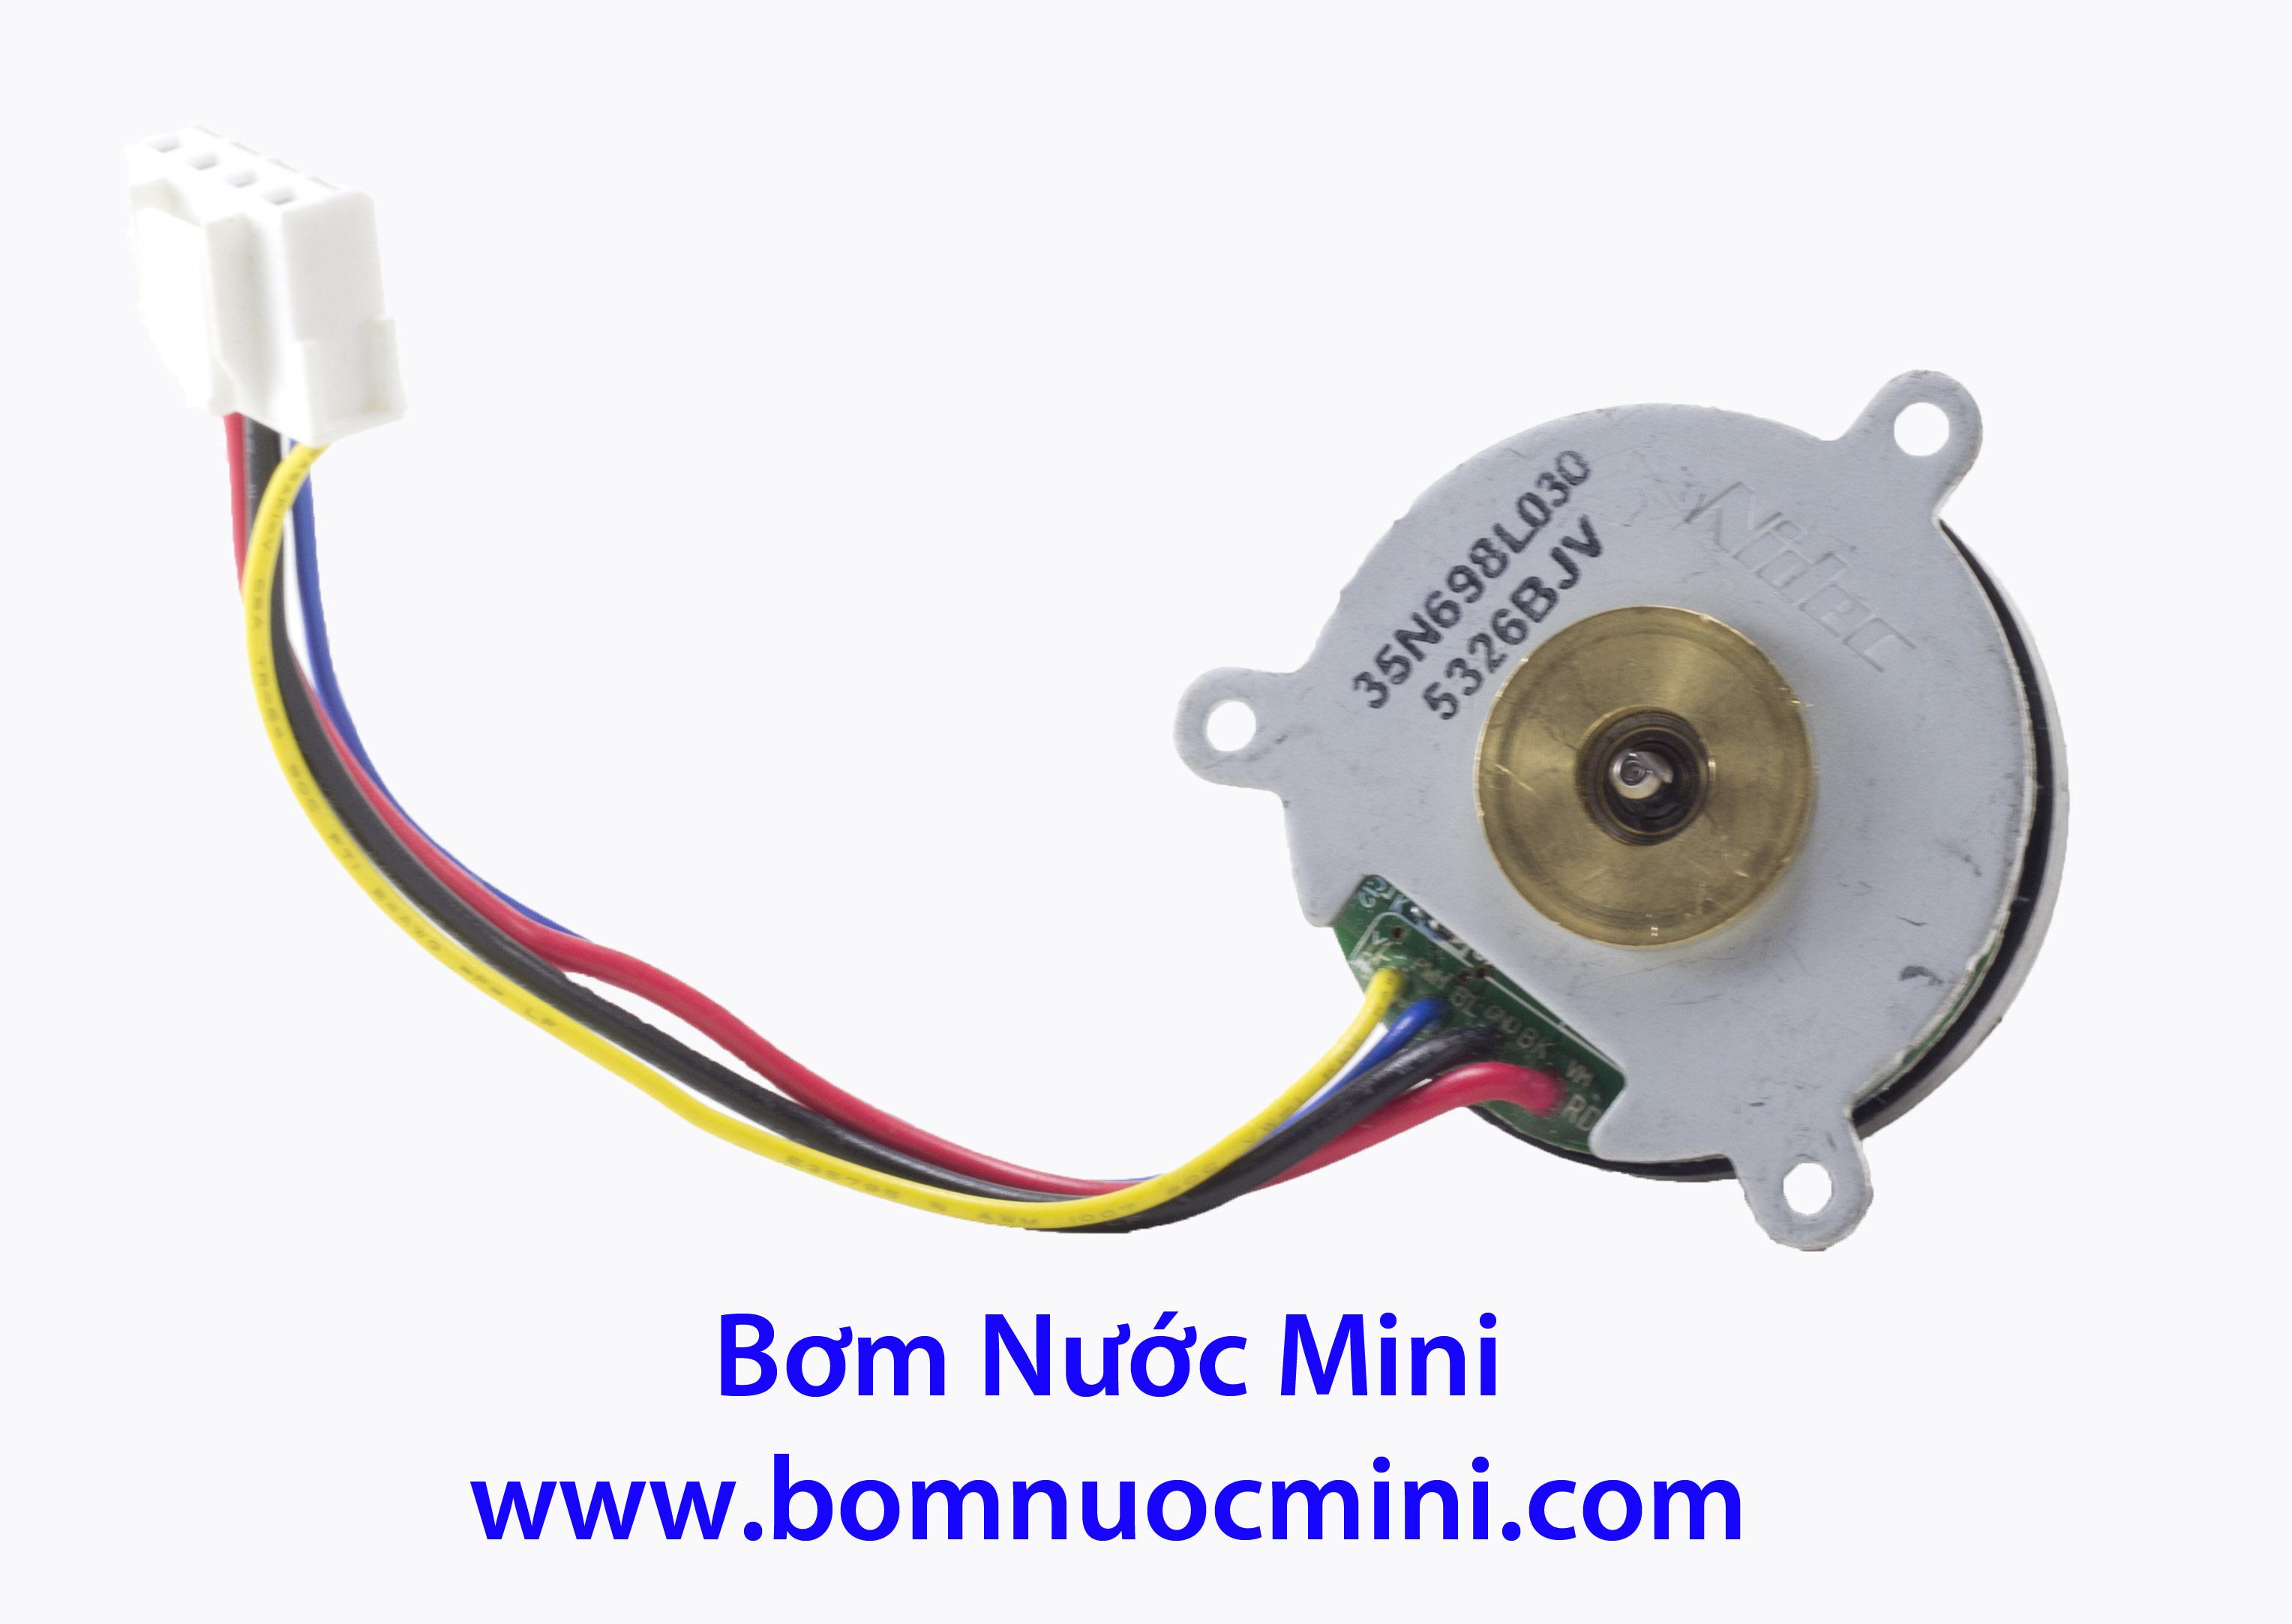 Motor nidec 12v brushless bldc b m n c mini for 12v bldc motor specifications